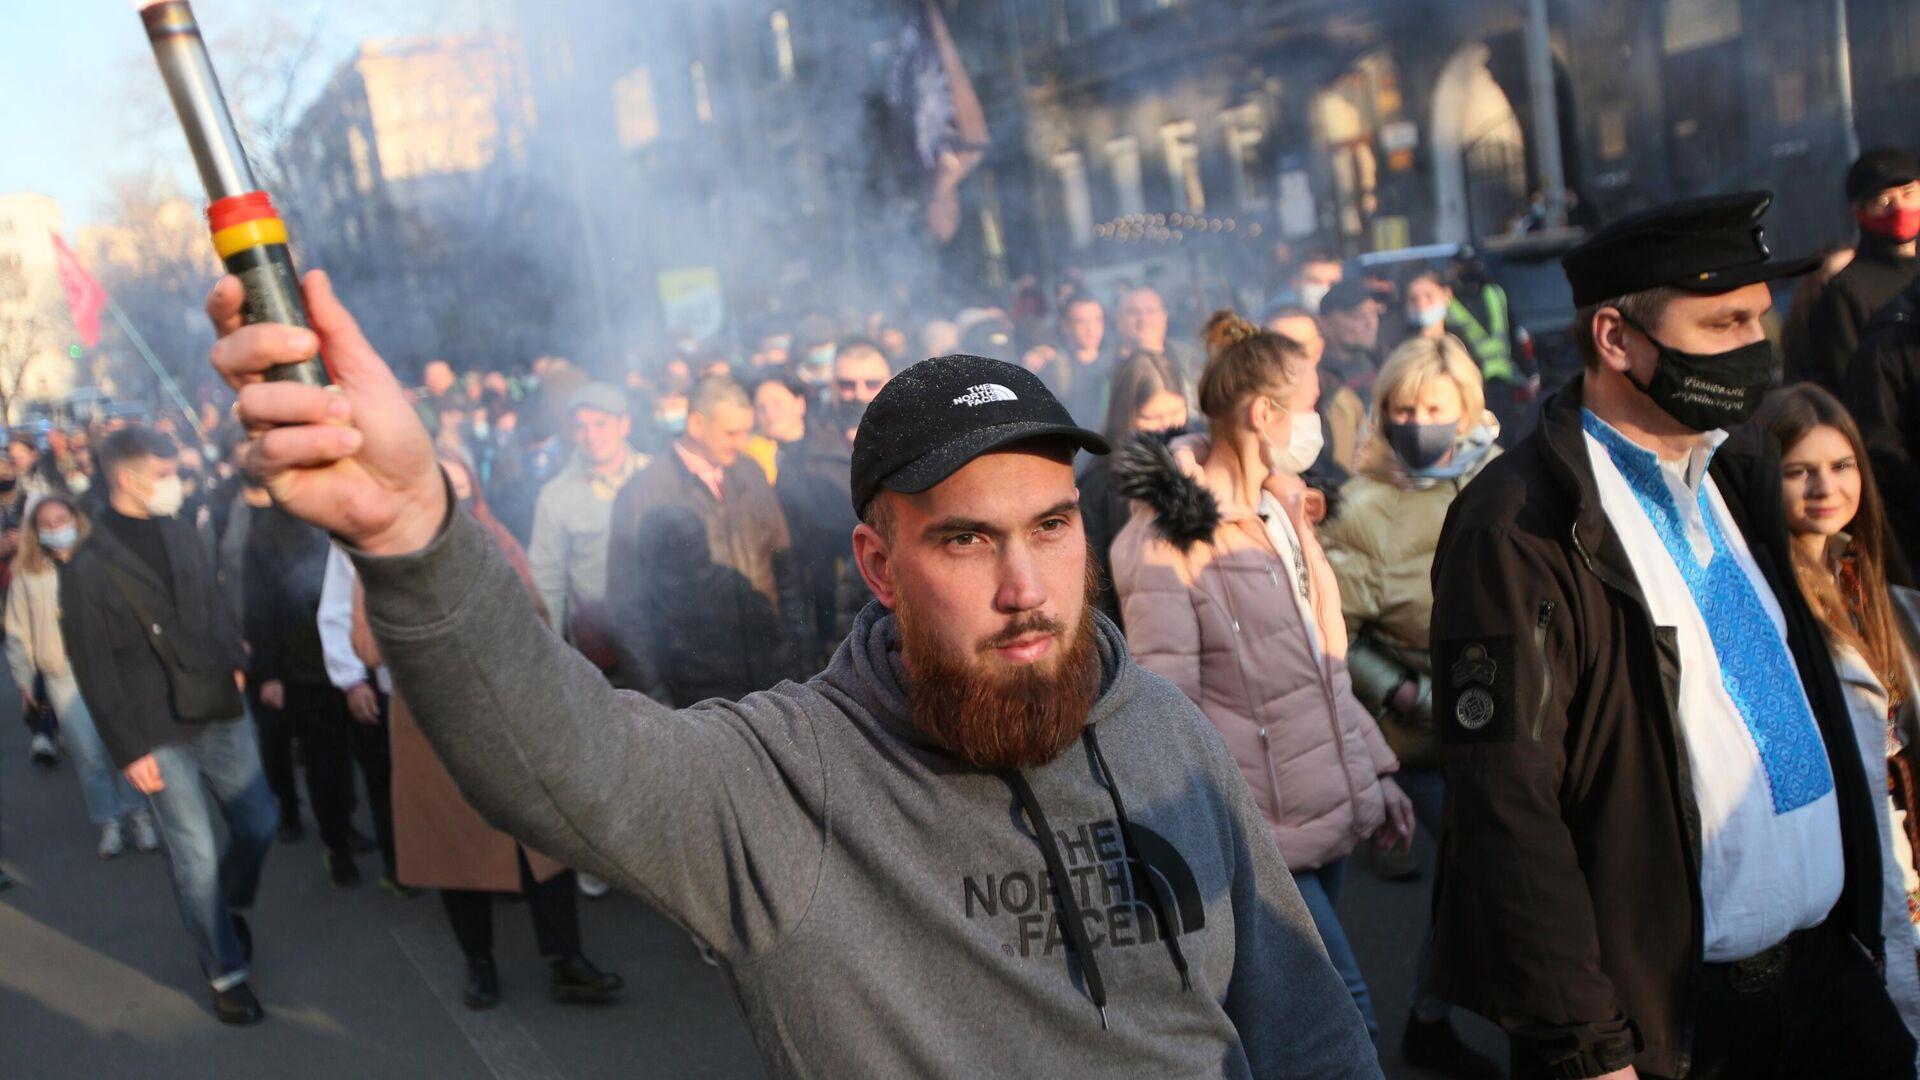 Участники Марша вышиванок, приуроченного к годовщине создания дивизии СС Галичина, в Киеве - РИА Новости, 1920, 29.04.2021